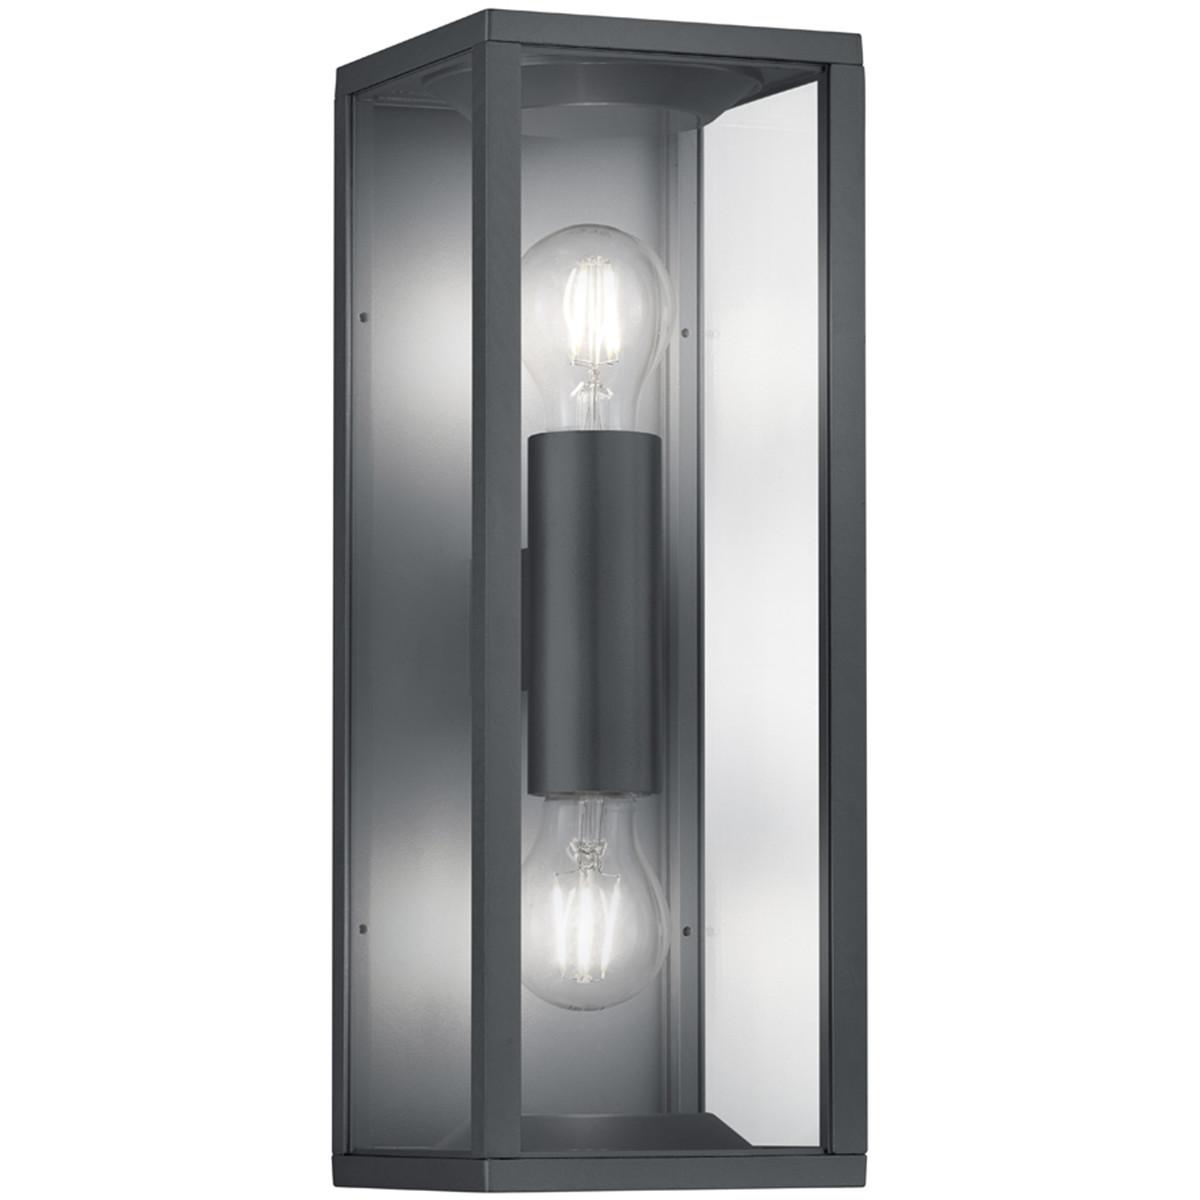 LED Tuinverlichting - Tuinlamp - Trion Garinola - Wand - E27 Fitting - 2-lichts - Mat Zwart - Alumin